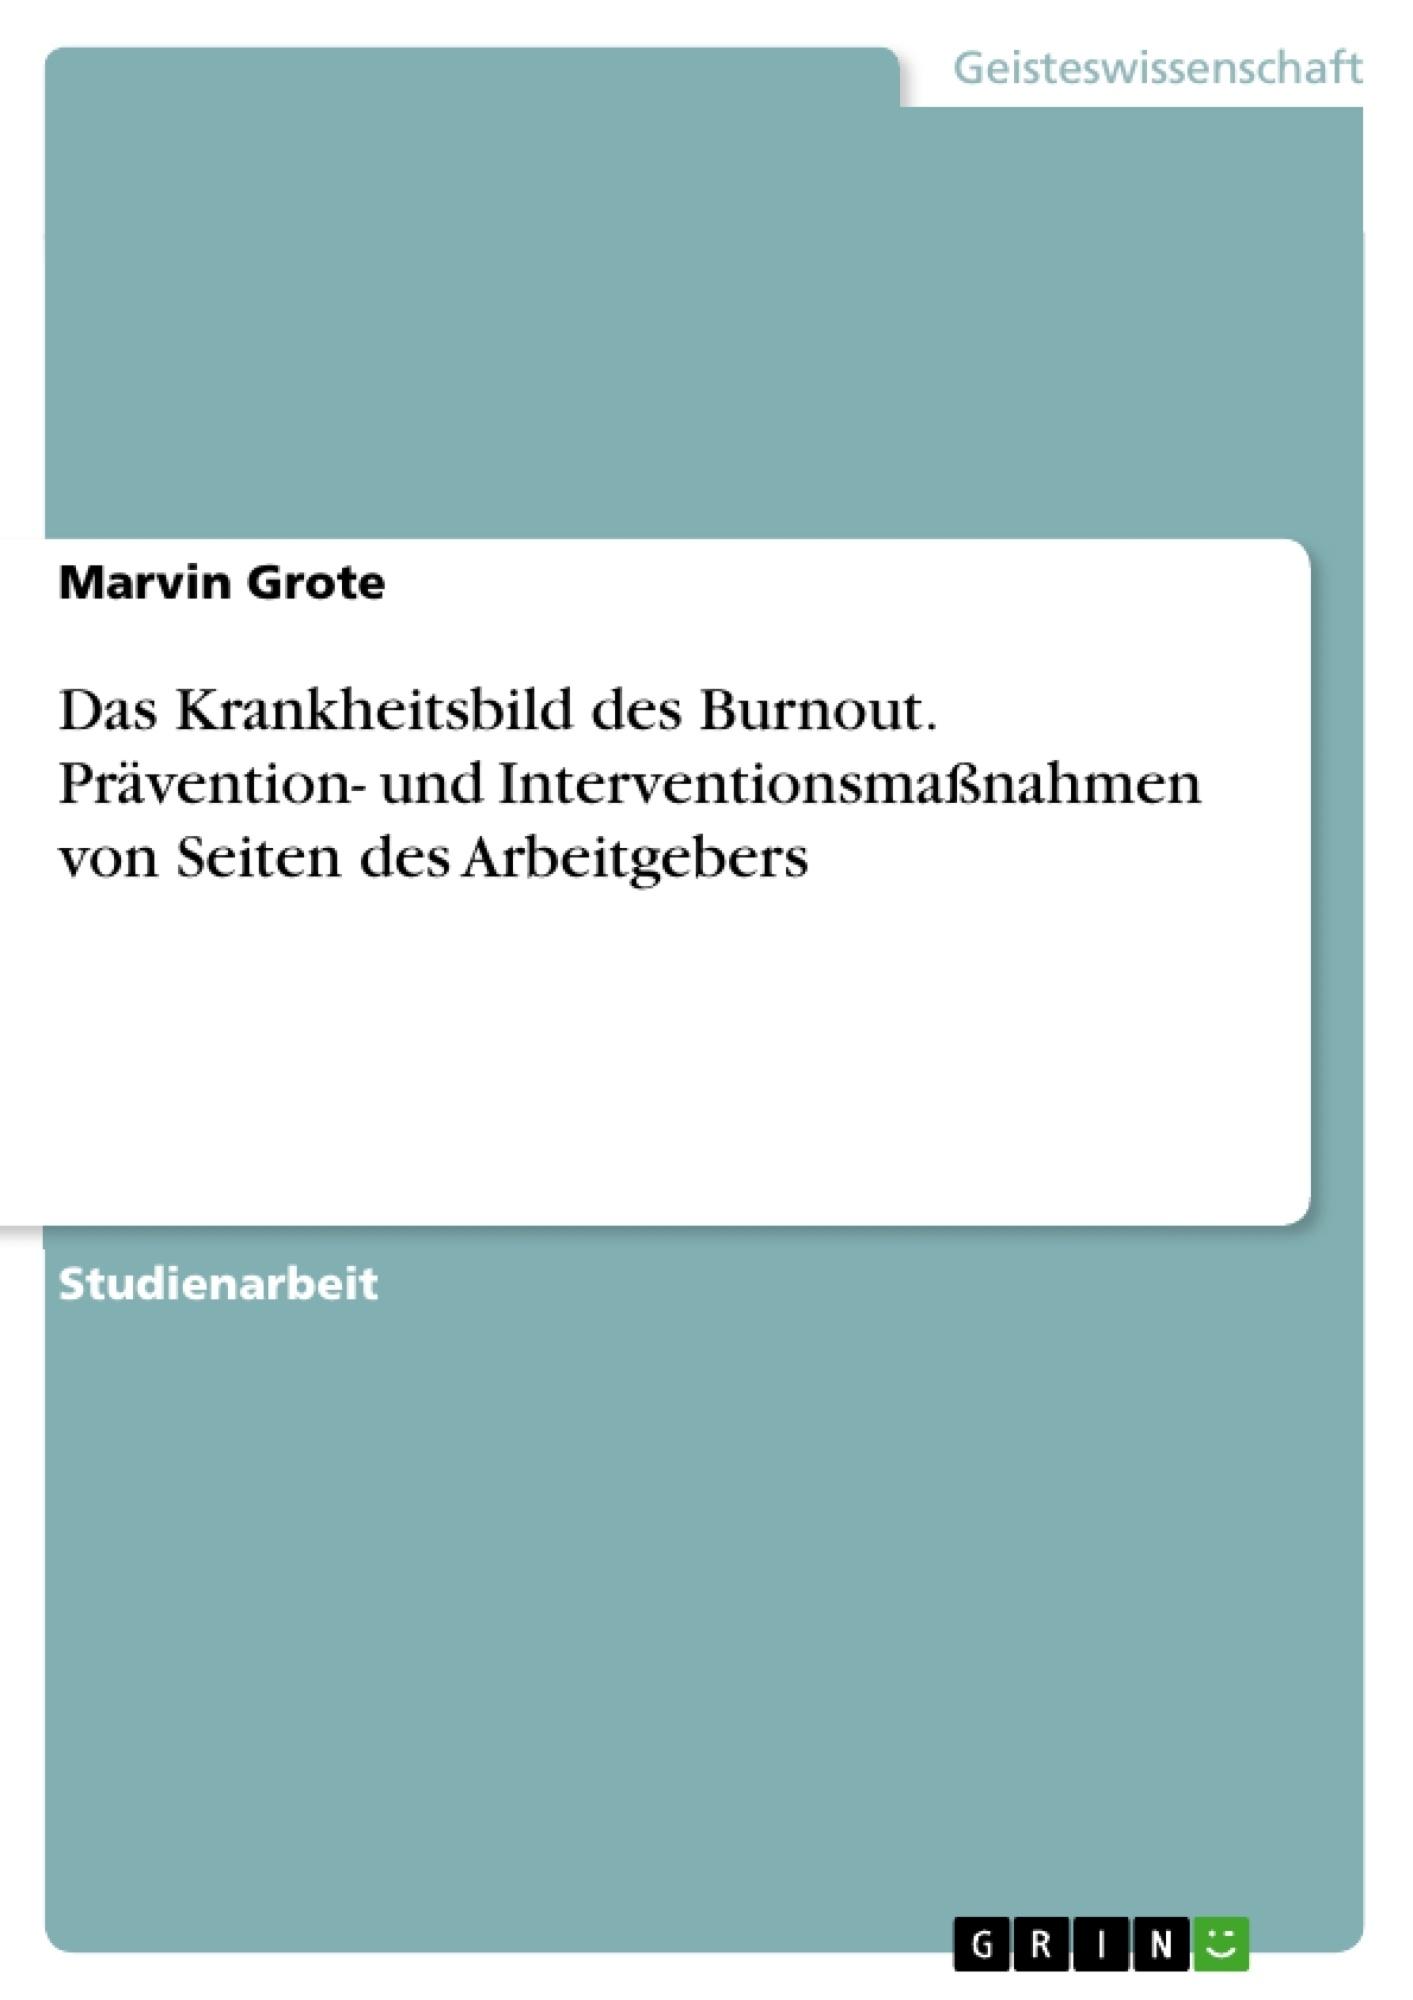 Titel: Das Krankheitsbild des Burnout. Prävention- und Interventionsmaßnahmen von Seiten des Arbeitgebers